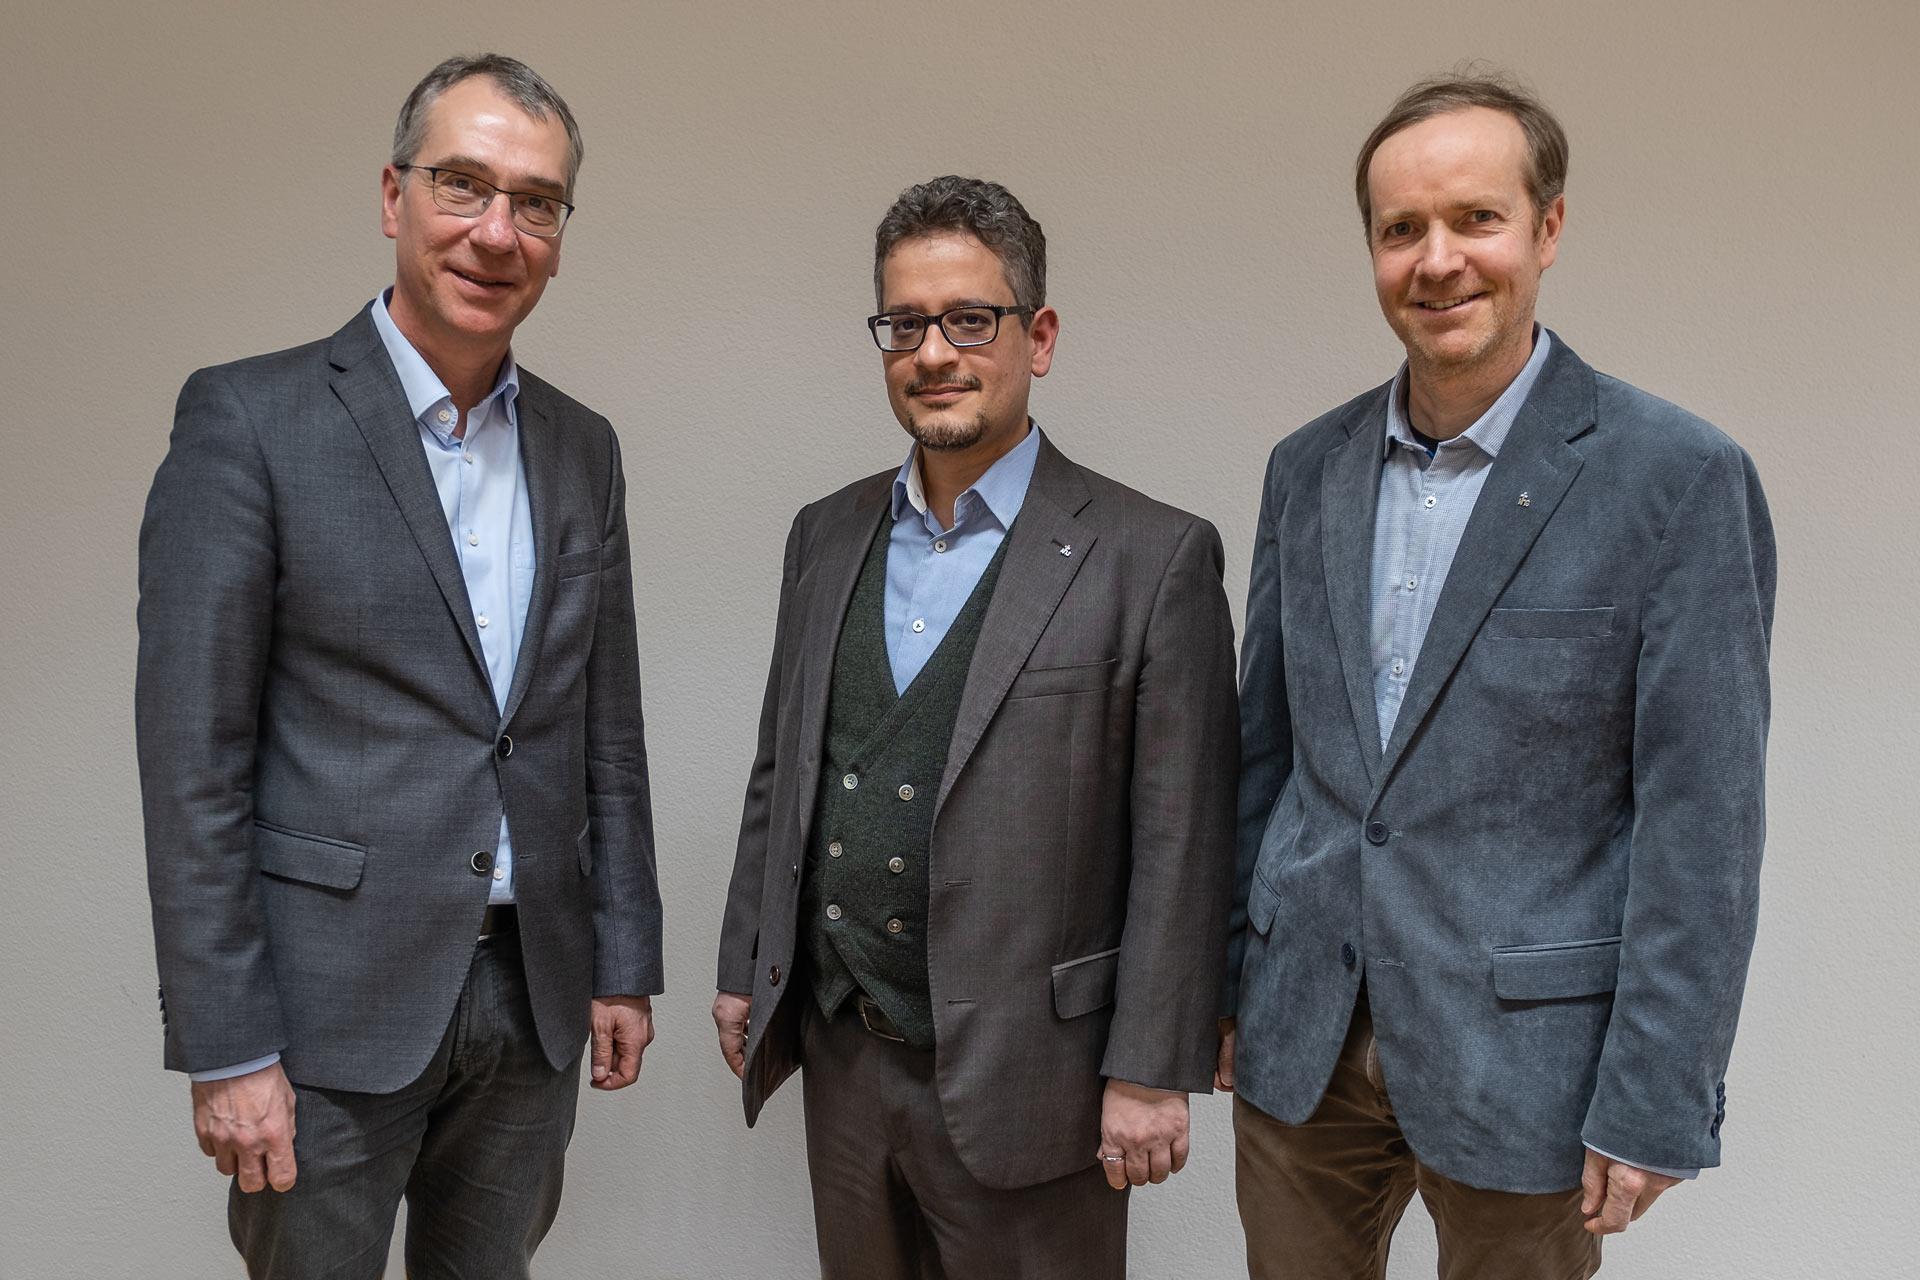 Der bisherige Hochschulseelsorger Andreas Schalbetter (rechts) und seine Nachfolger Valerio Ciriello (Mitte) und Wilfried Dettling. | © 2020 Dominik Thali